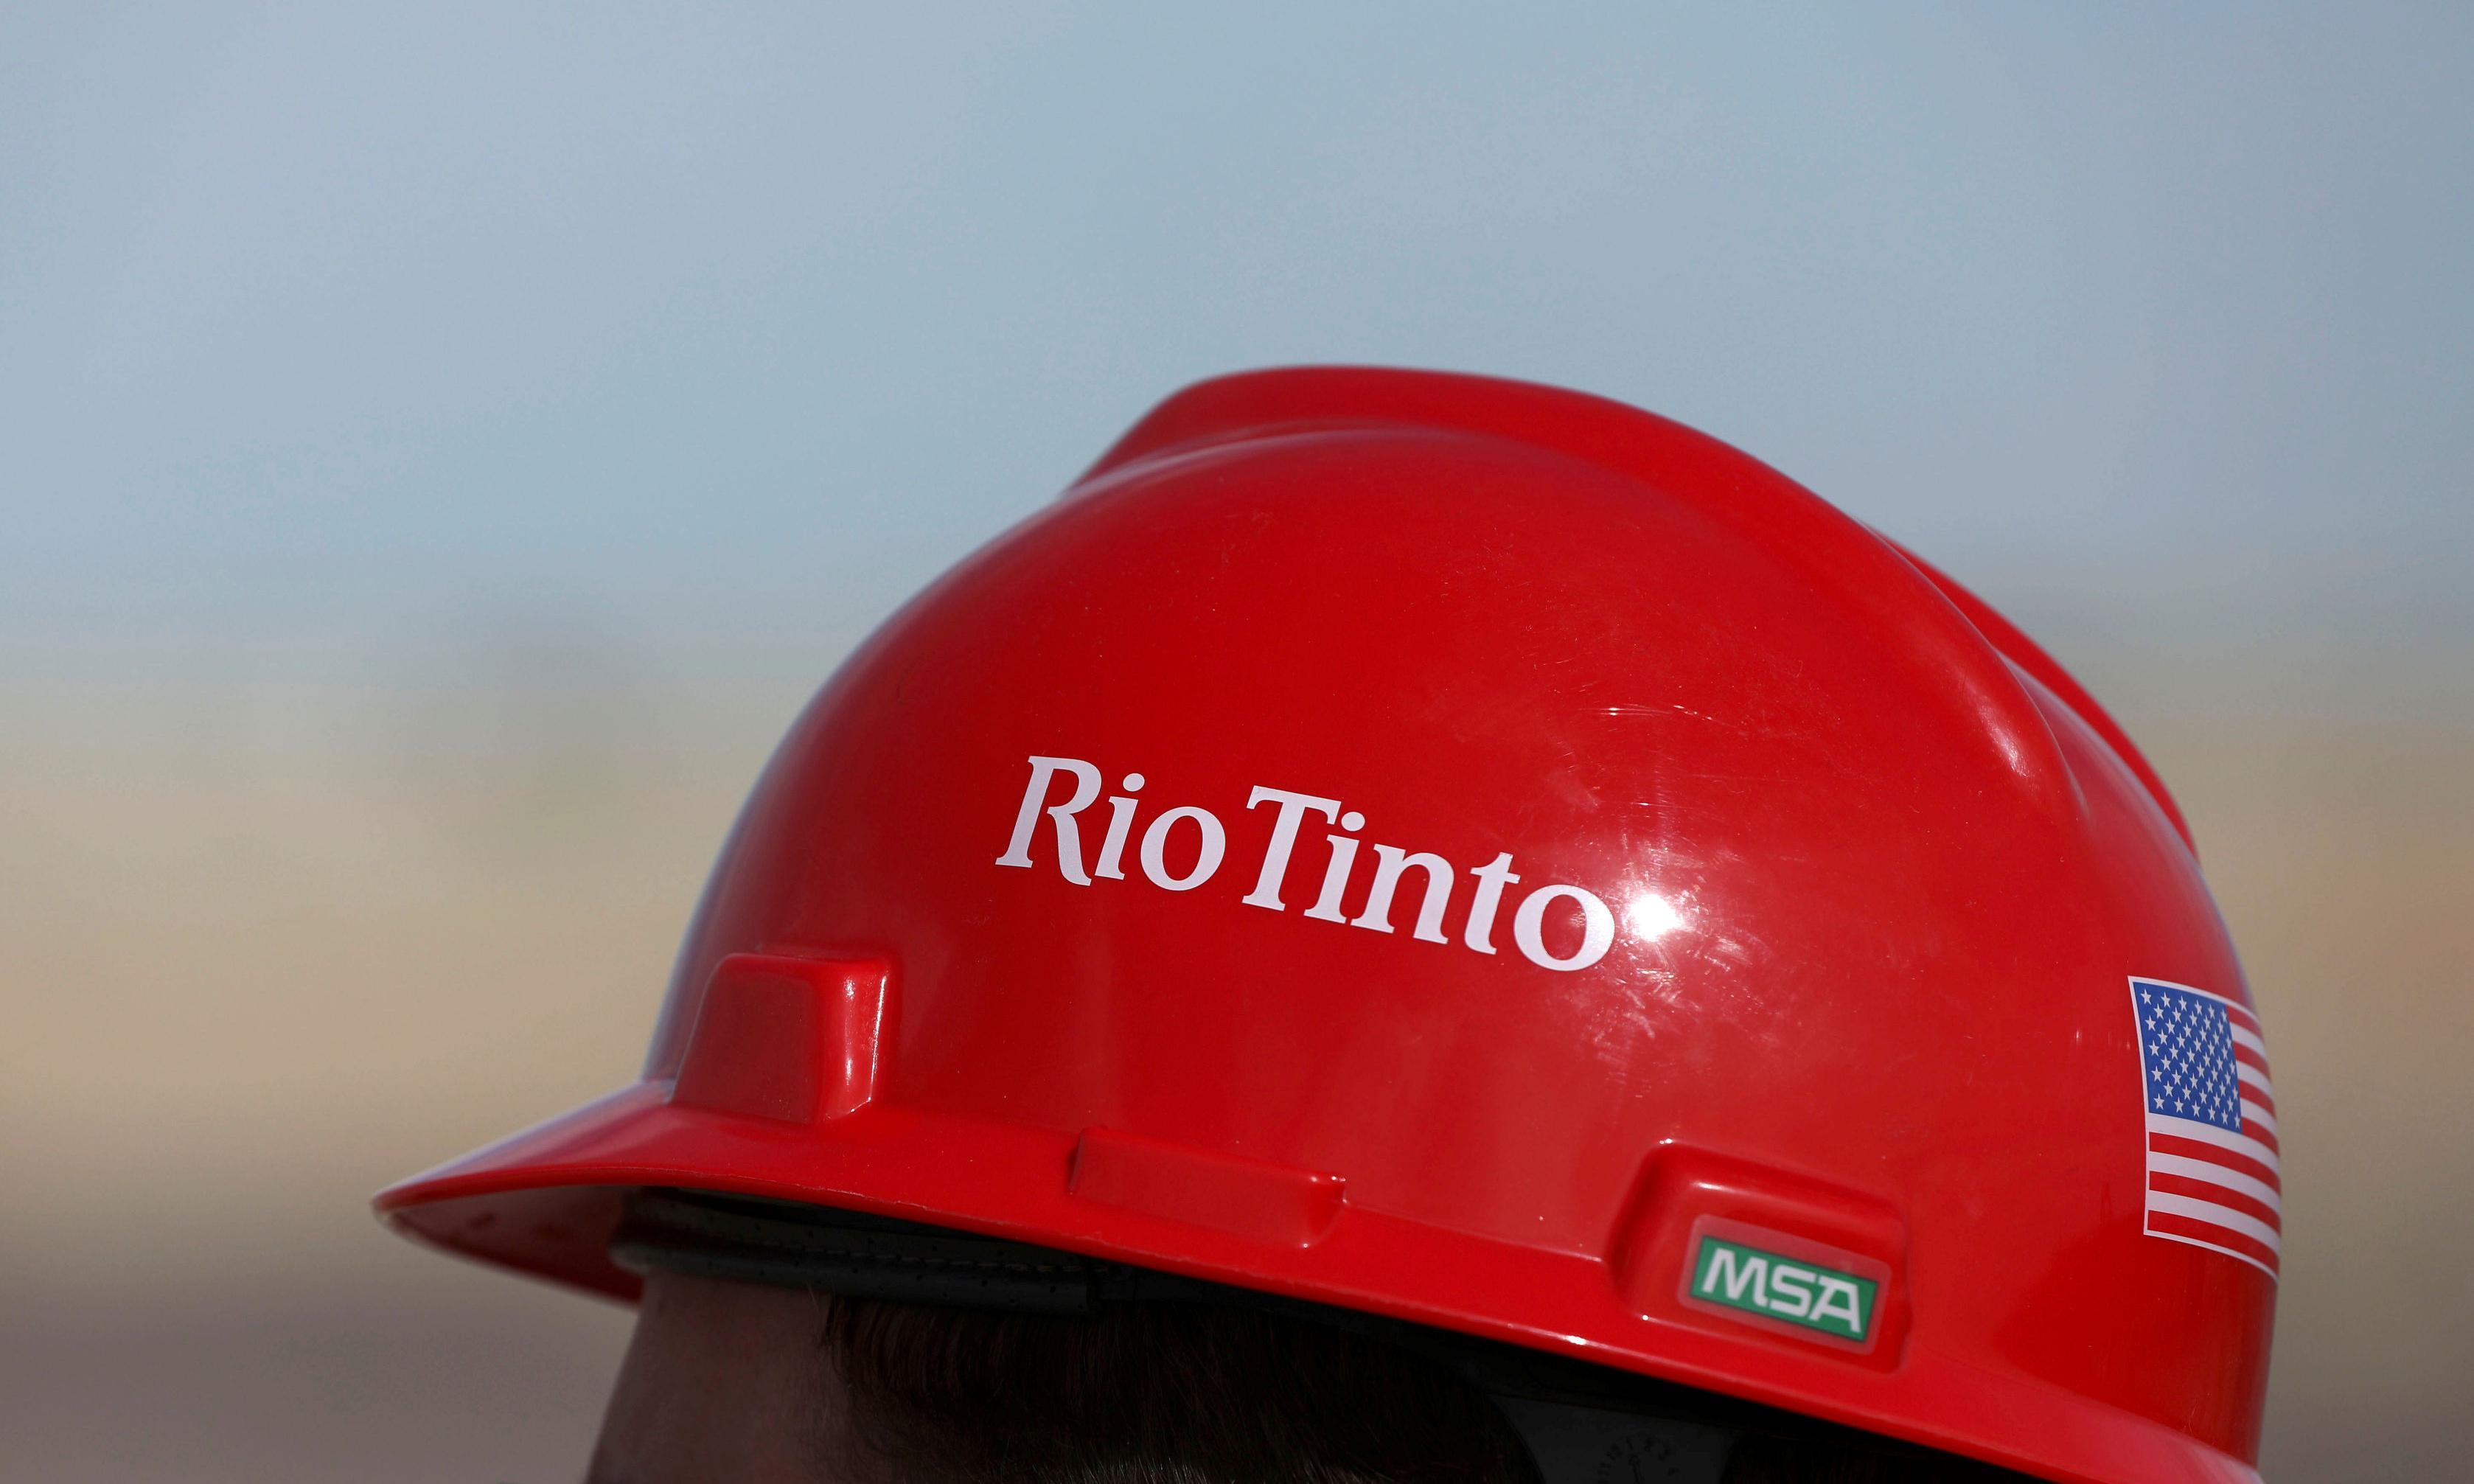 Rio Tinto appoints three women as non-executive directors